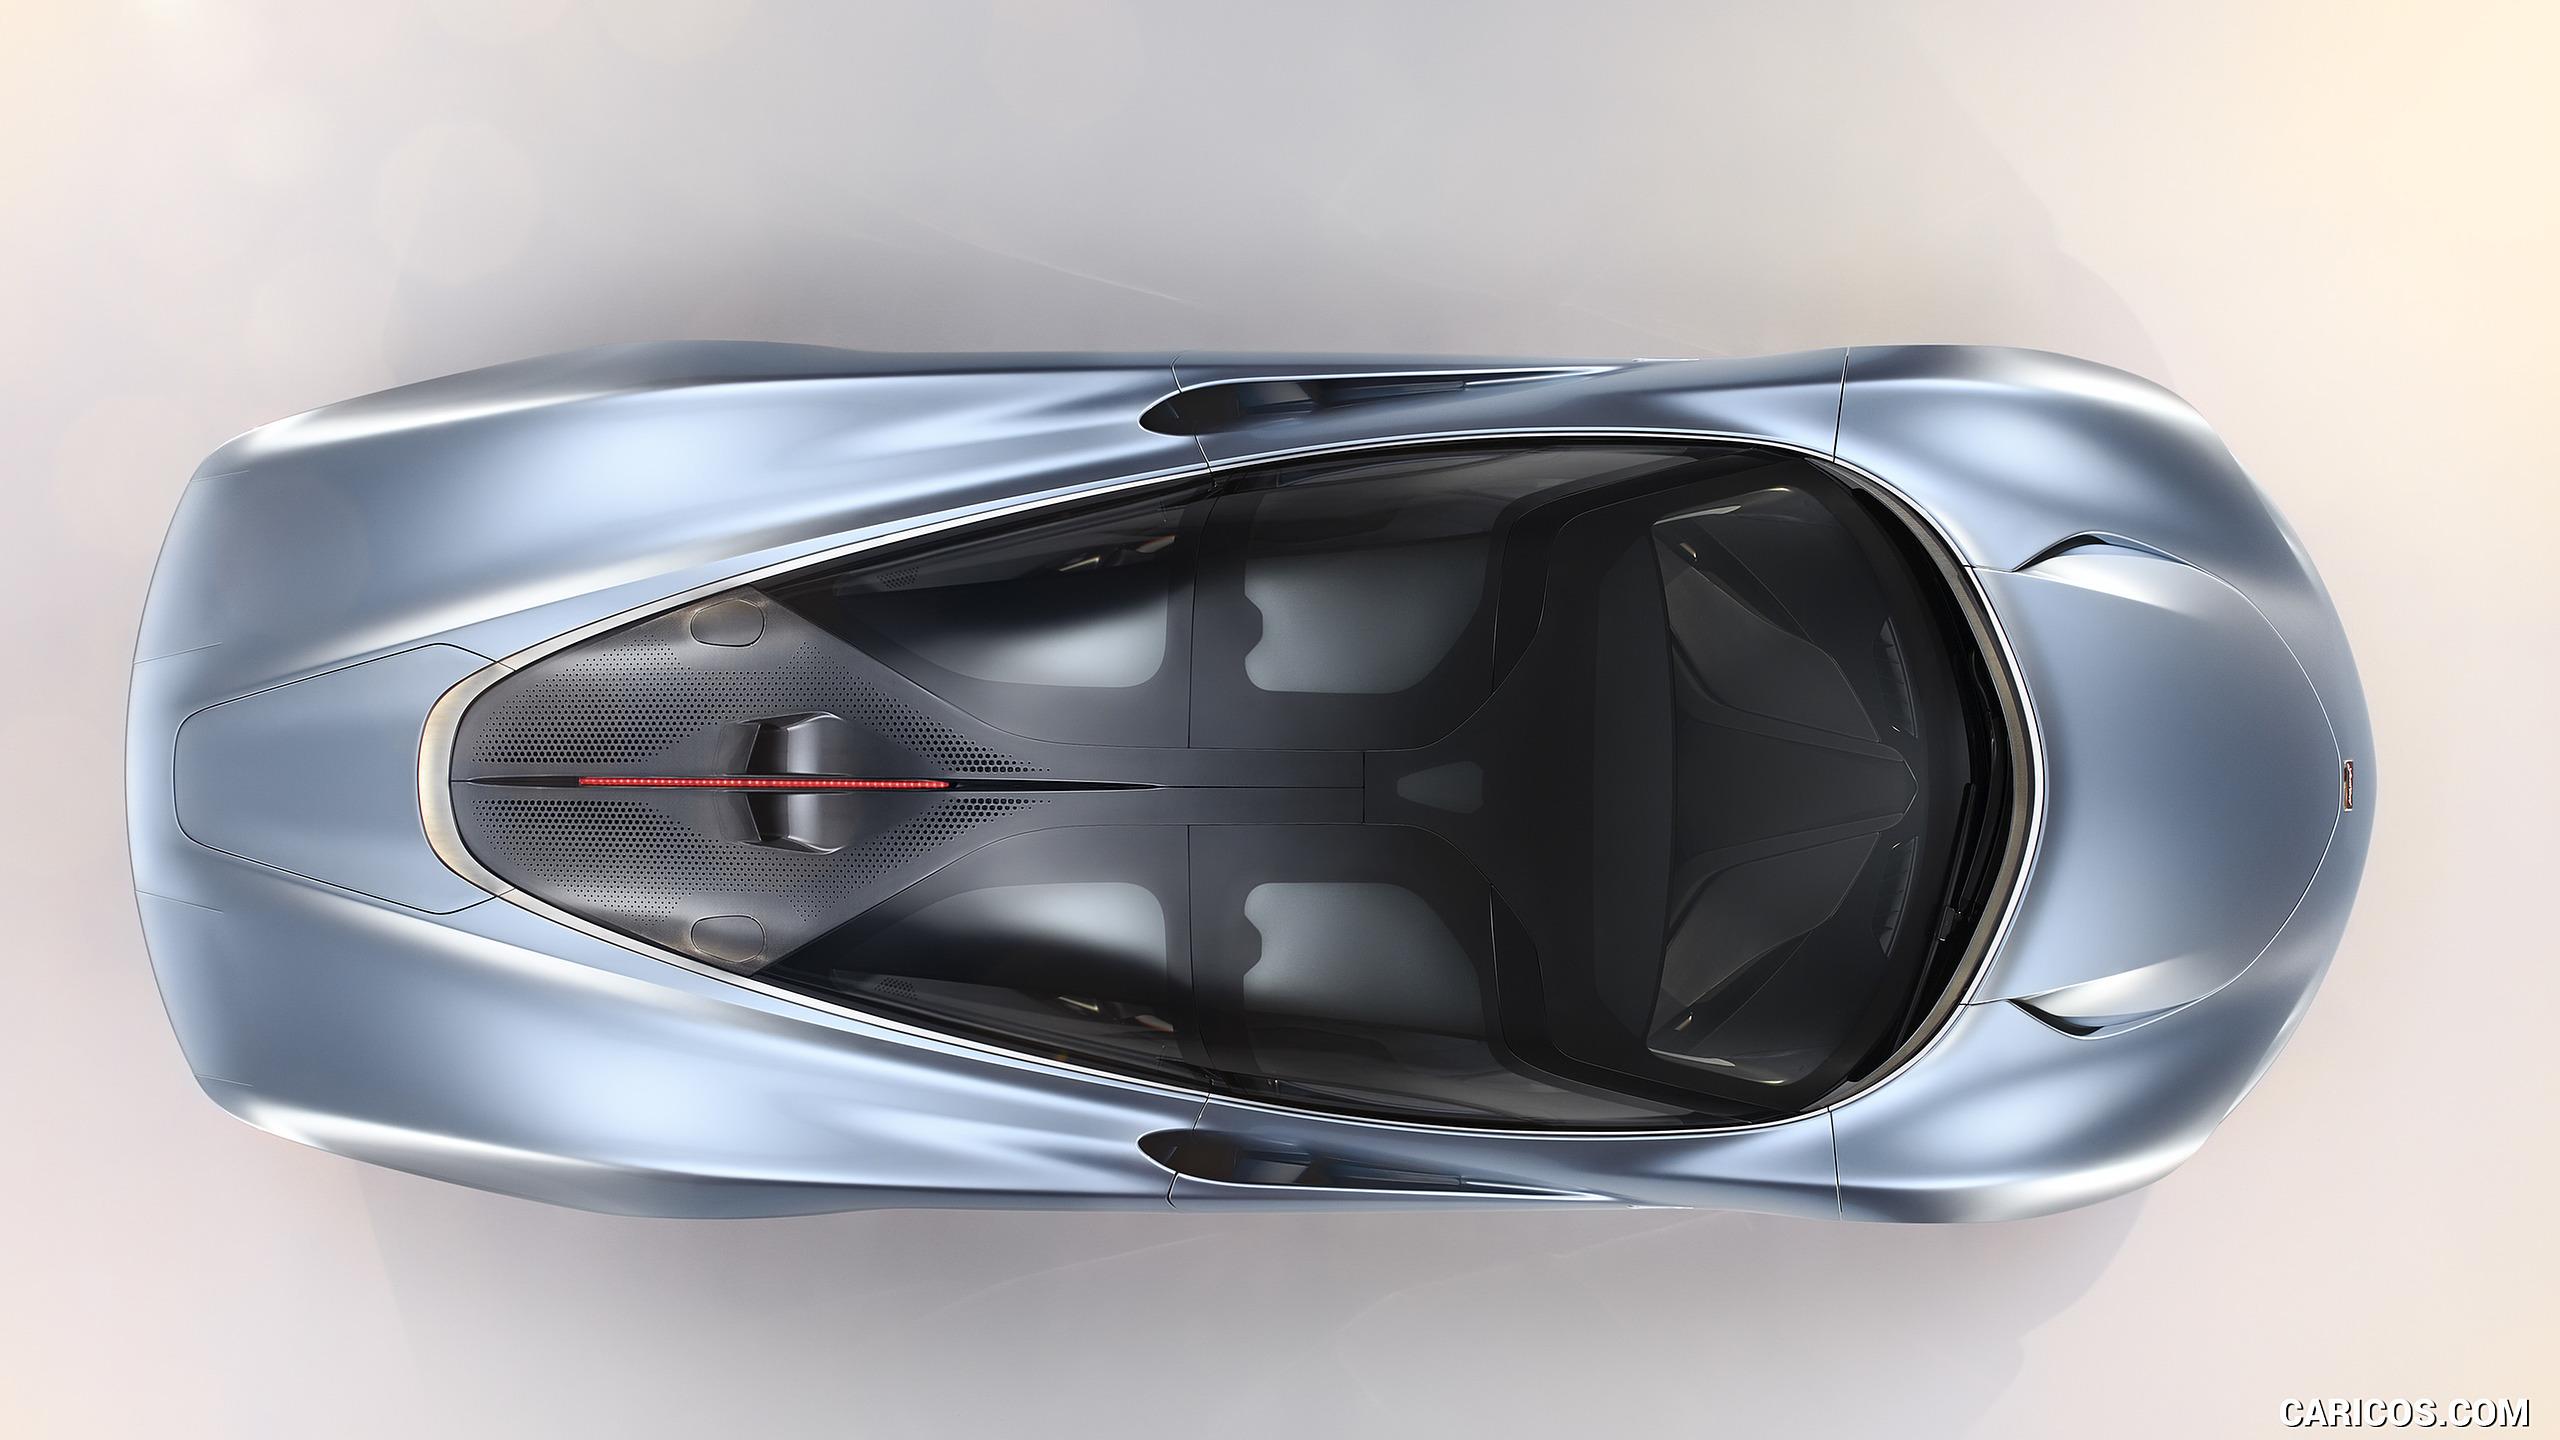 2019 McLaren Speedtail   Top HD Wallpaper 5 2560x1440